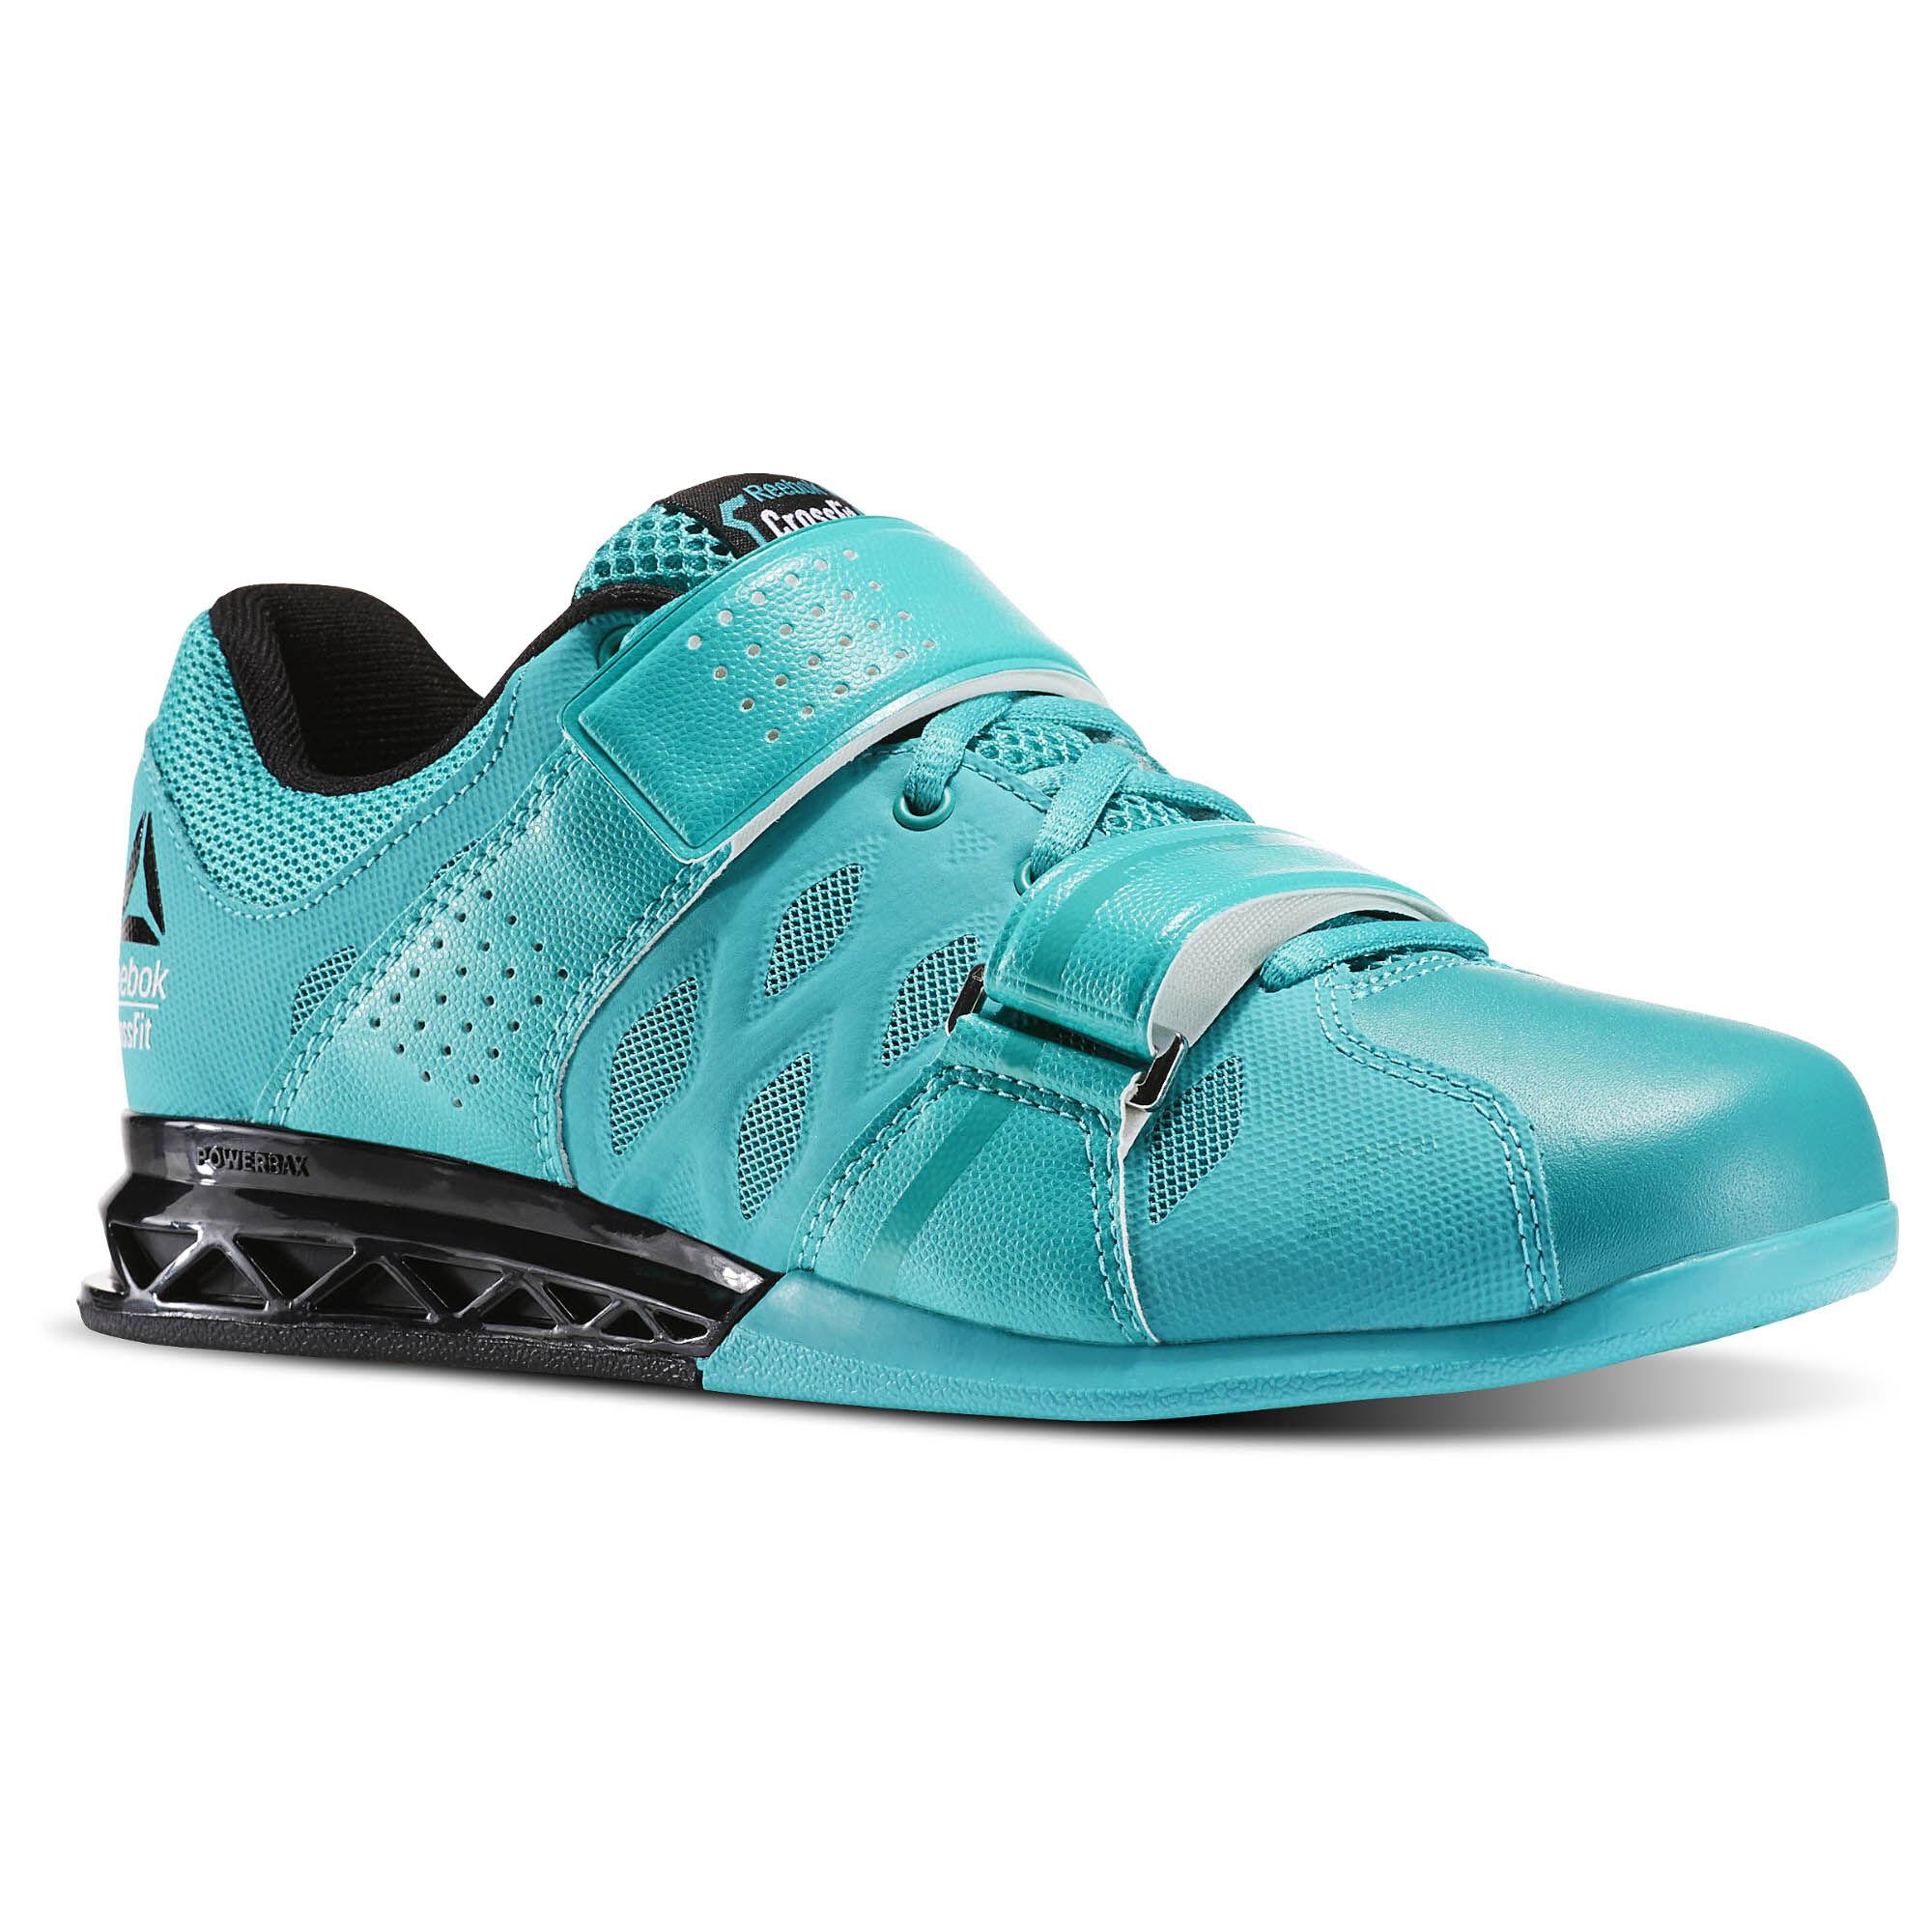 Reebok Lifting Shoes Women